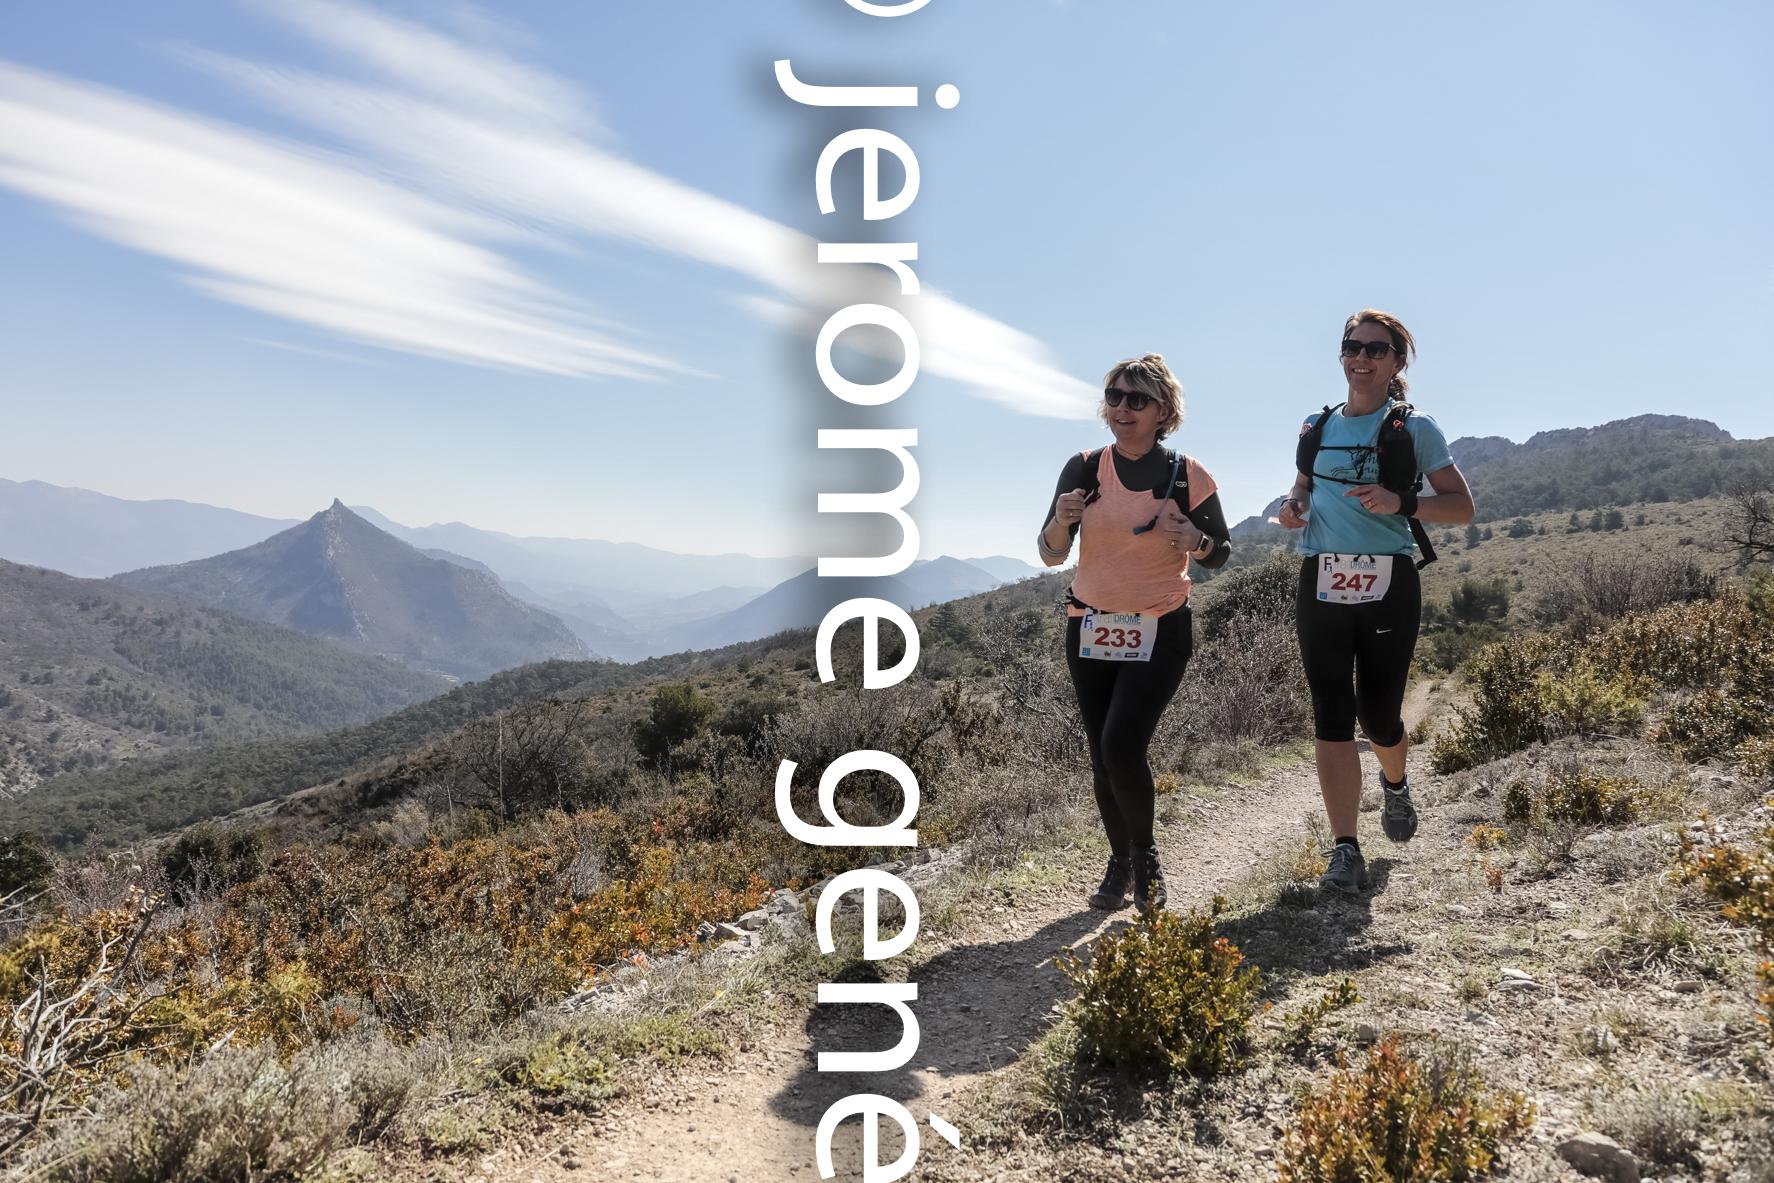 Trail Drome